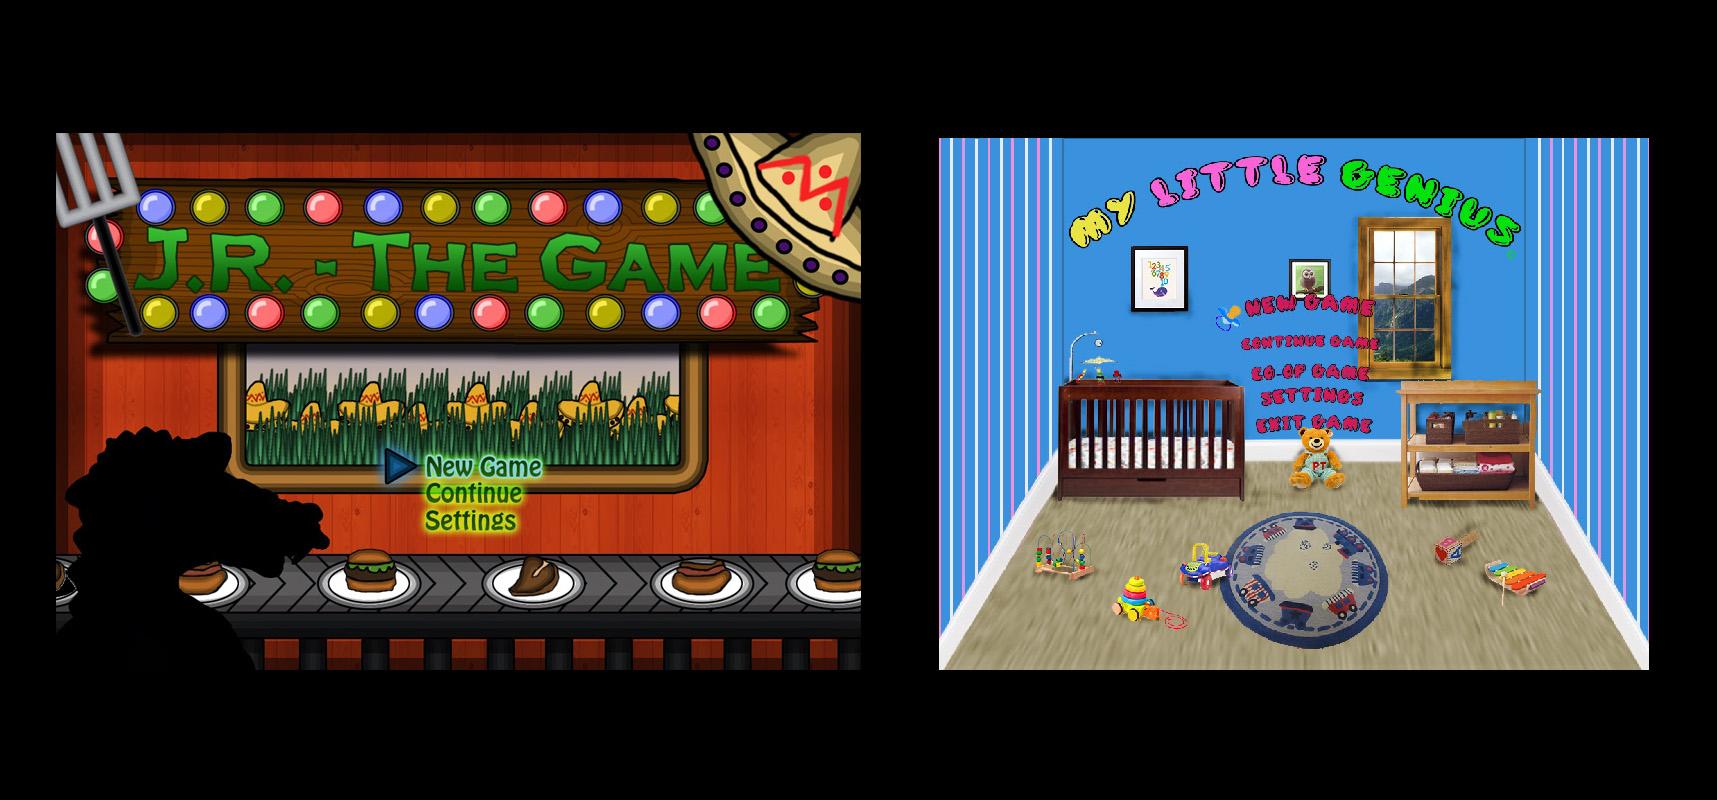 titlescreen01.jpg